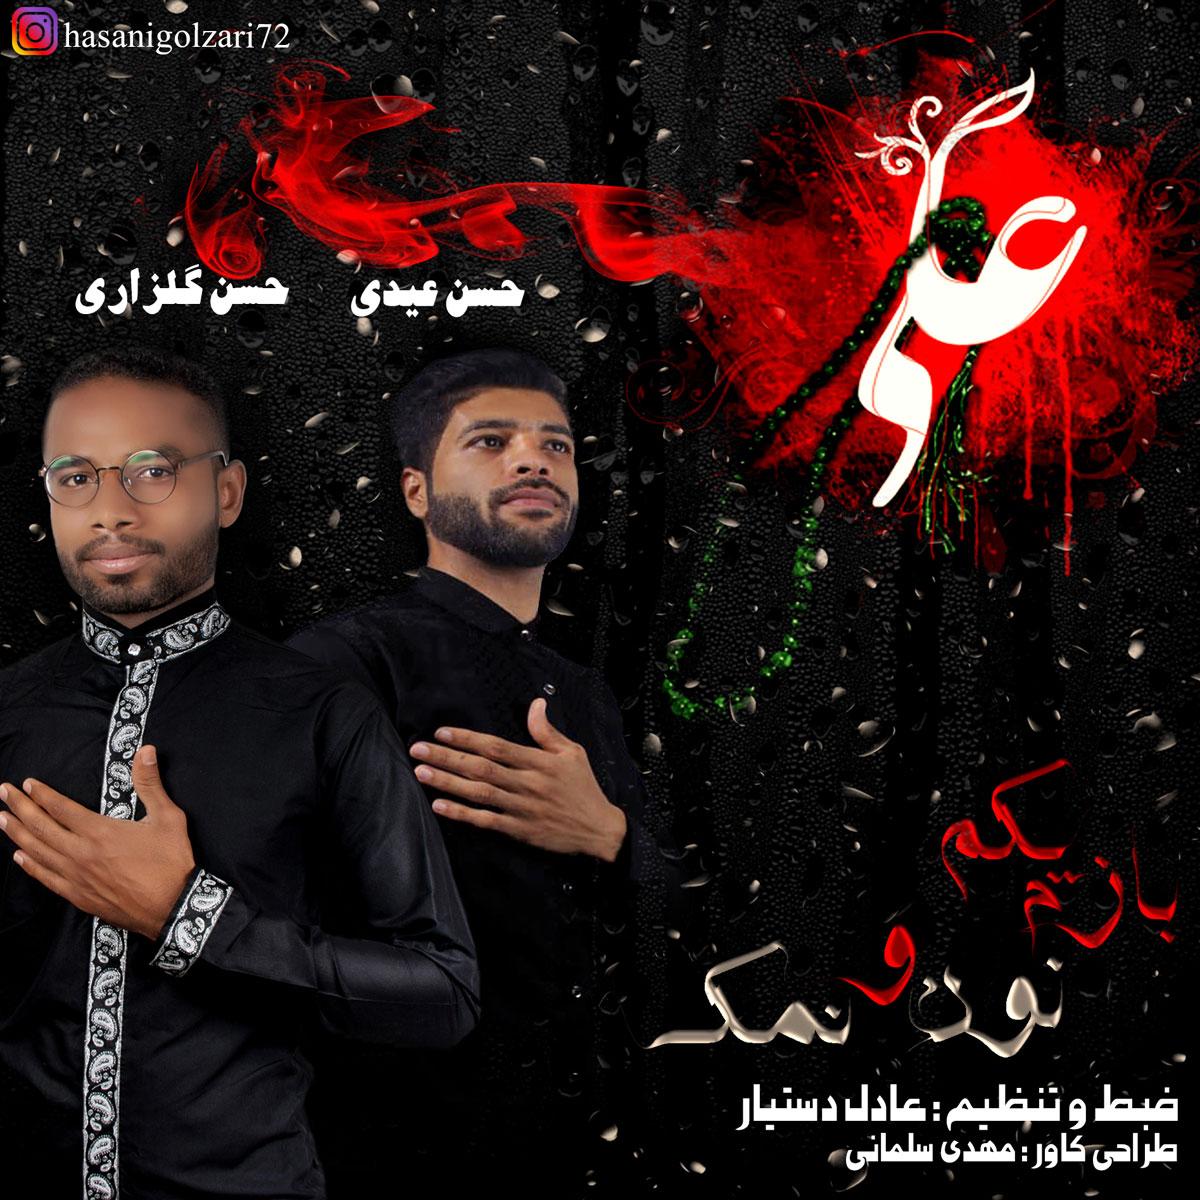 Hasan Golzari & Hasan Eydi – Bazam Yekam Nono Namak